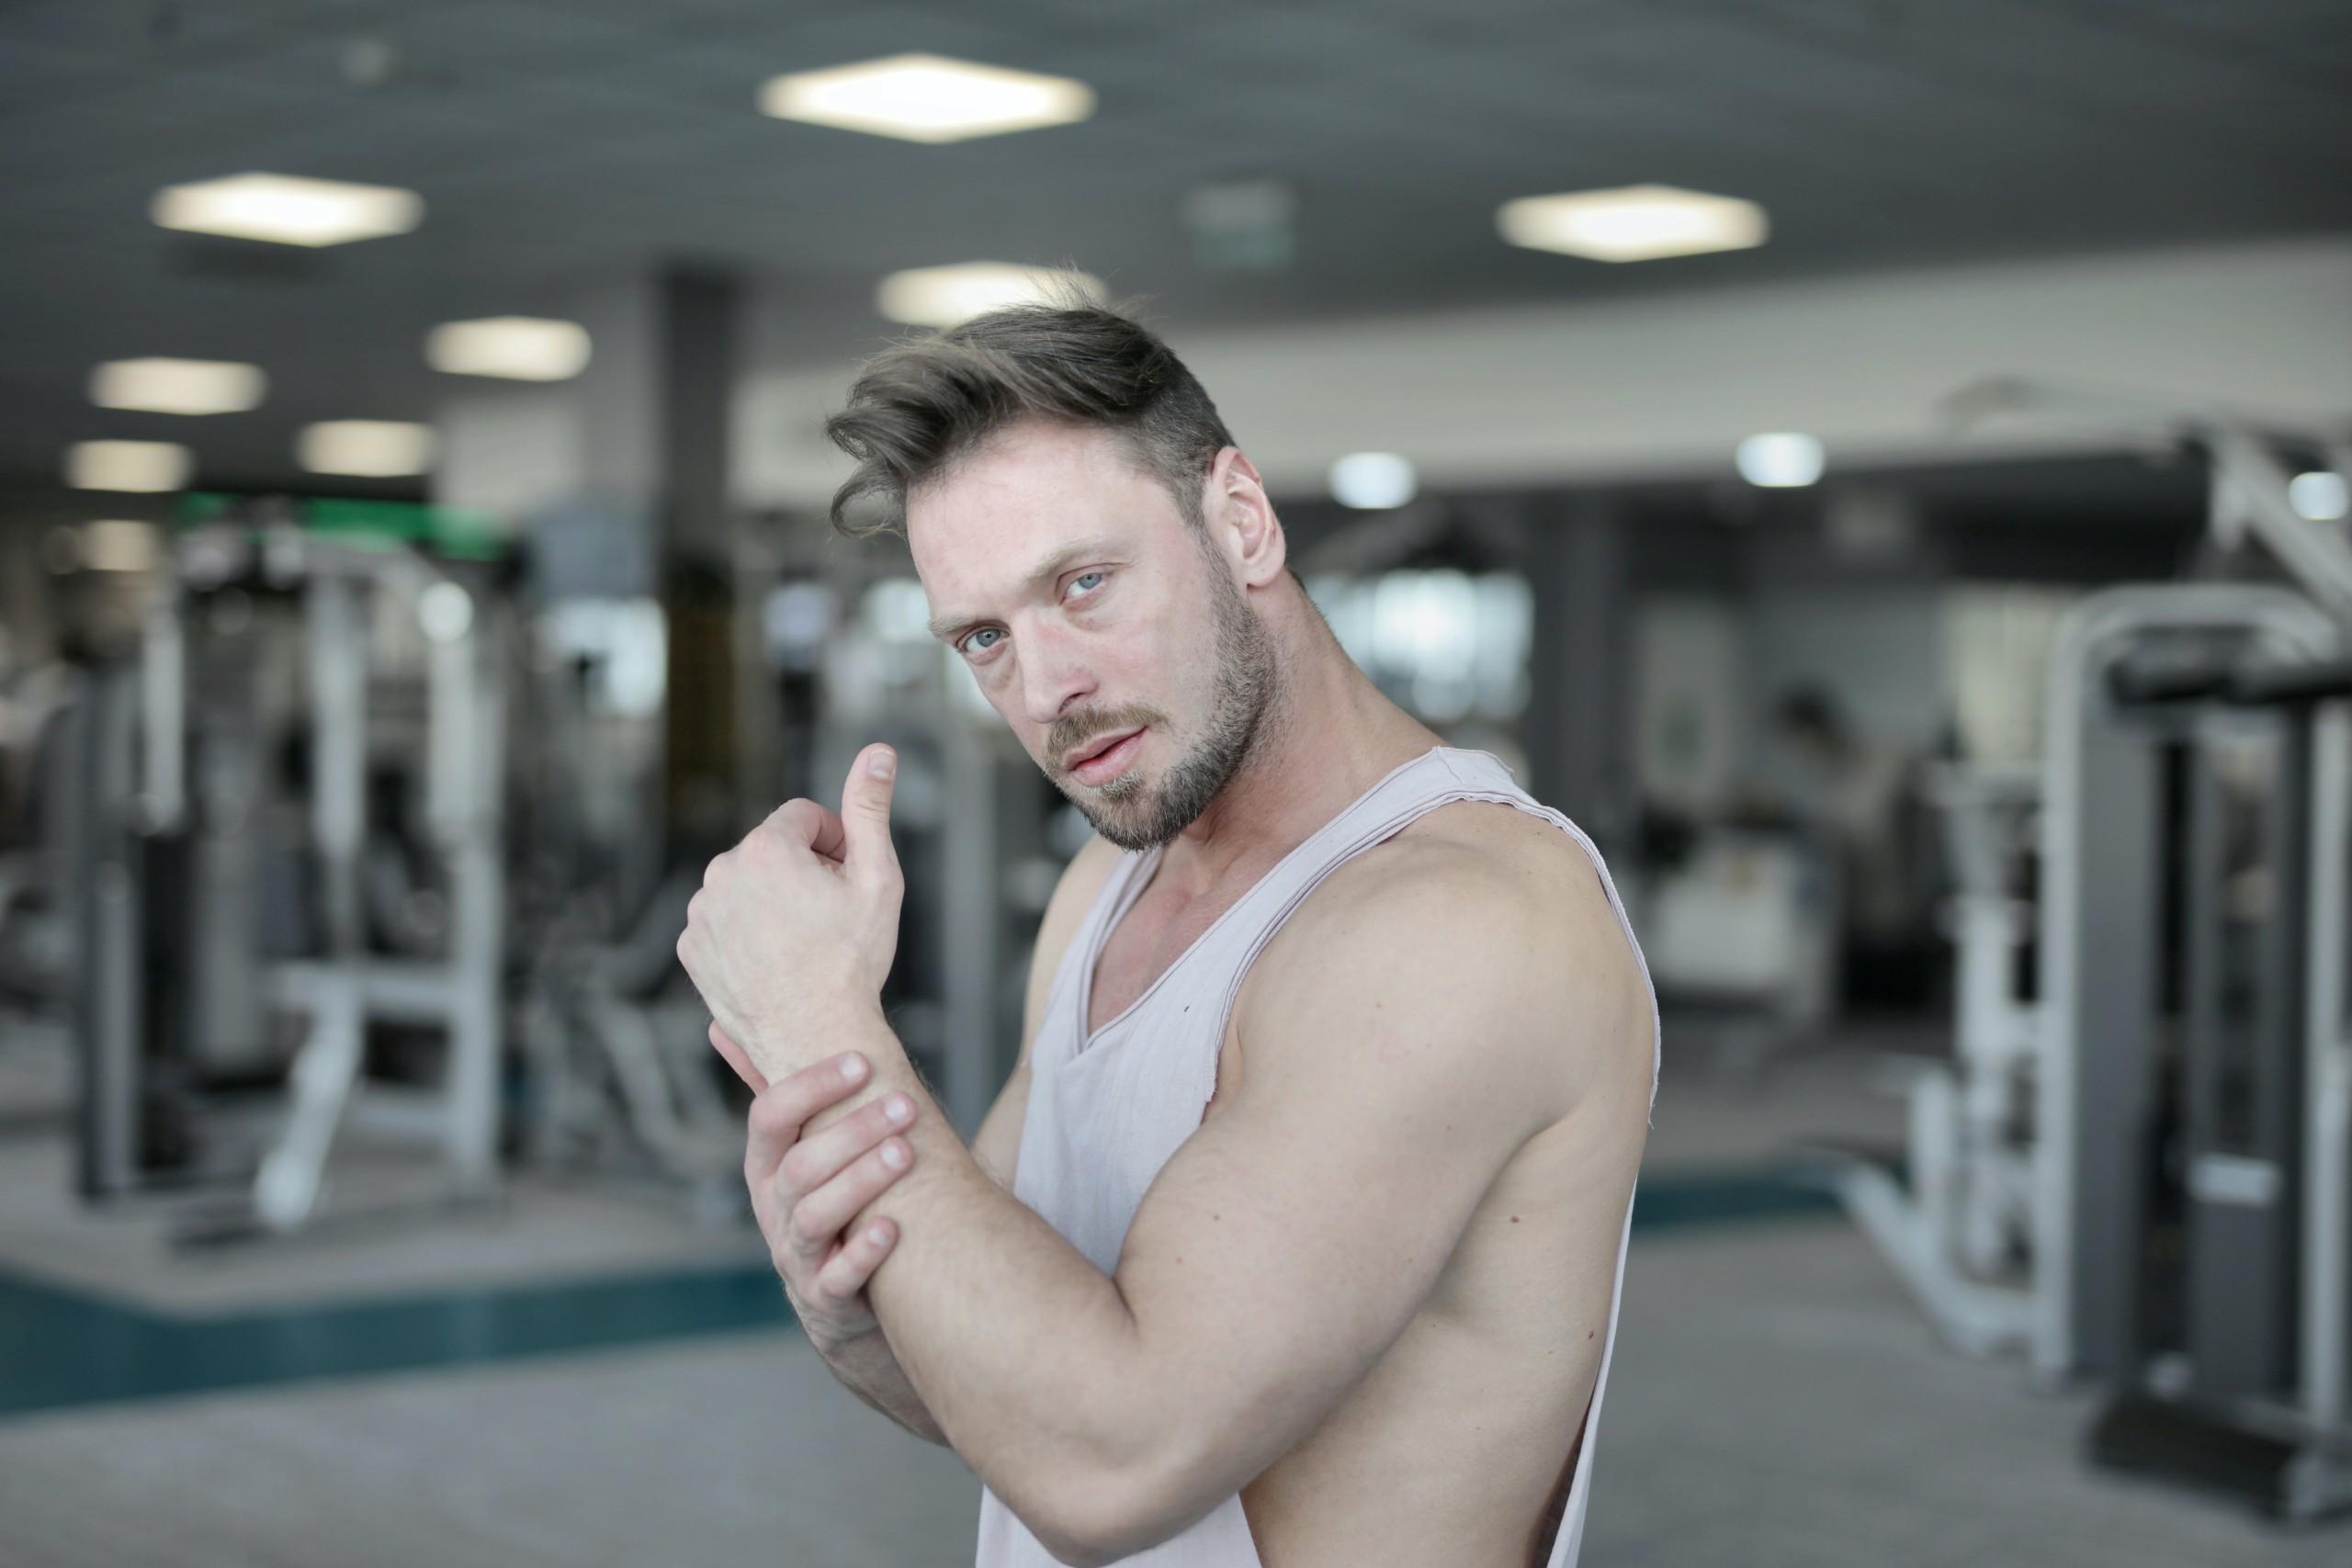 ジムトレーナー直伝】上腕二頭筋を鍛える筋トレ12選!効率良いトレーニング方法も解説   RETIO BODY DESIGN